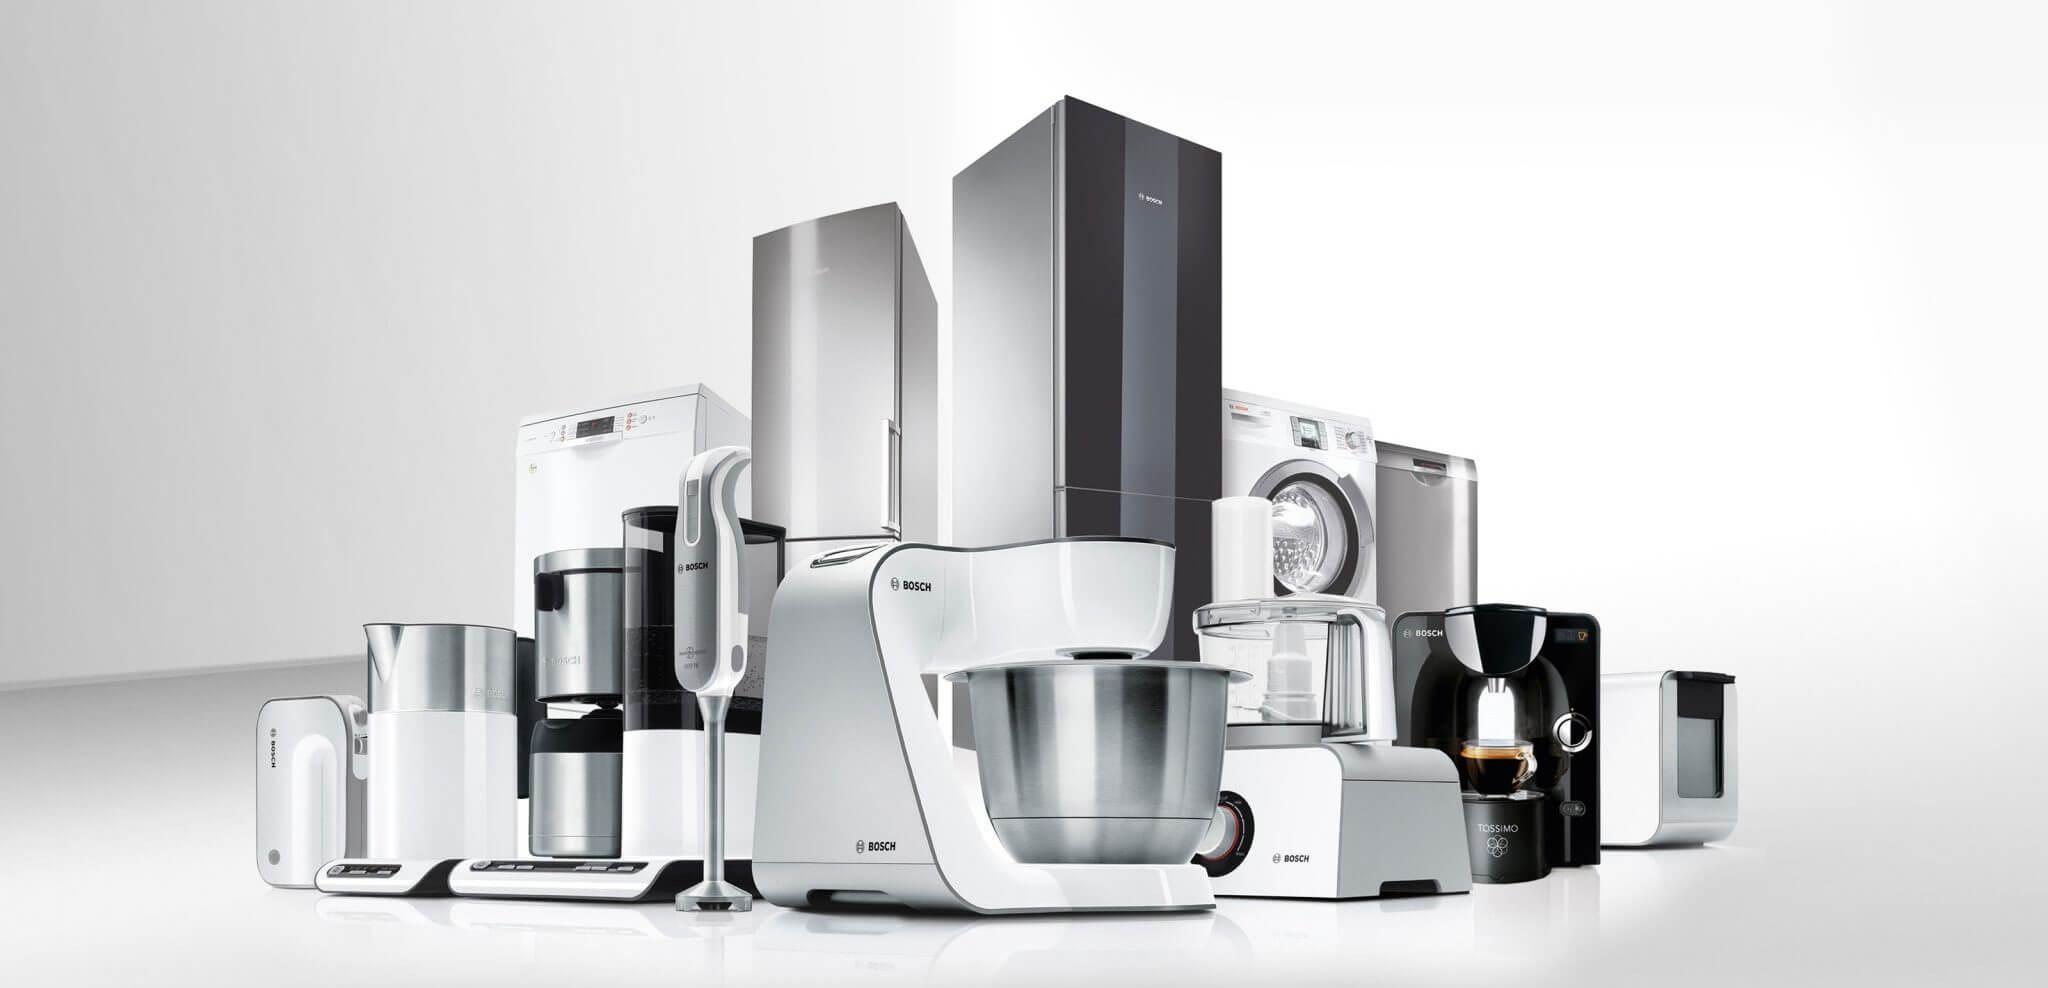 home appliances range e1521783470379